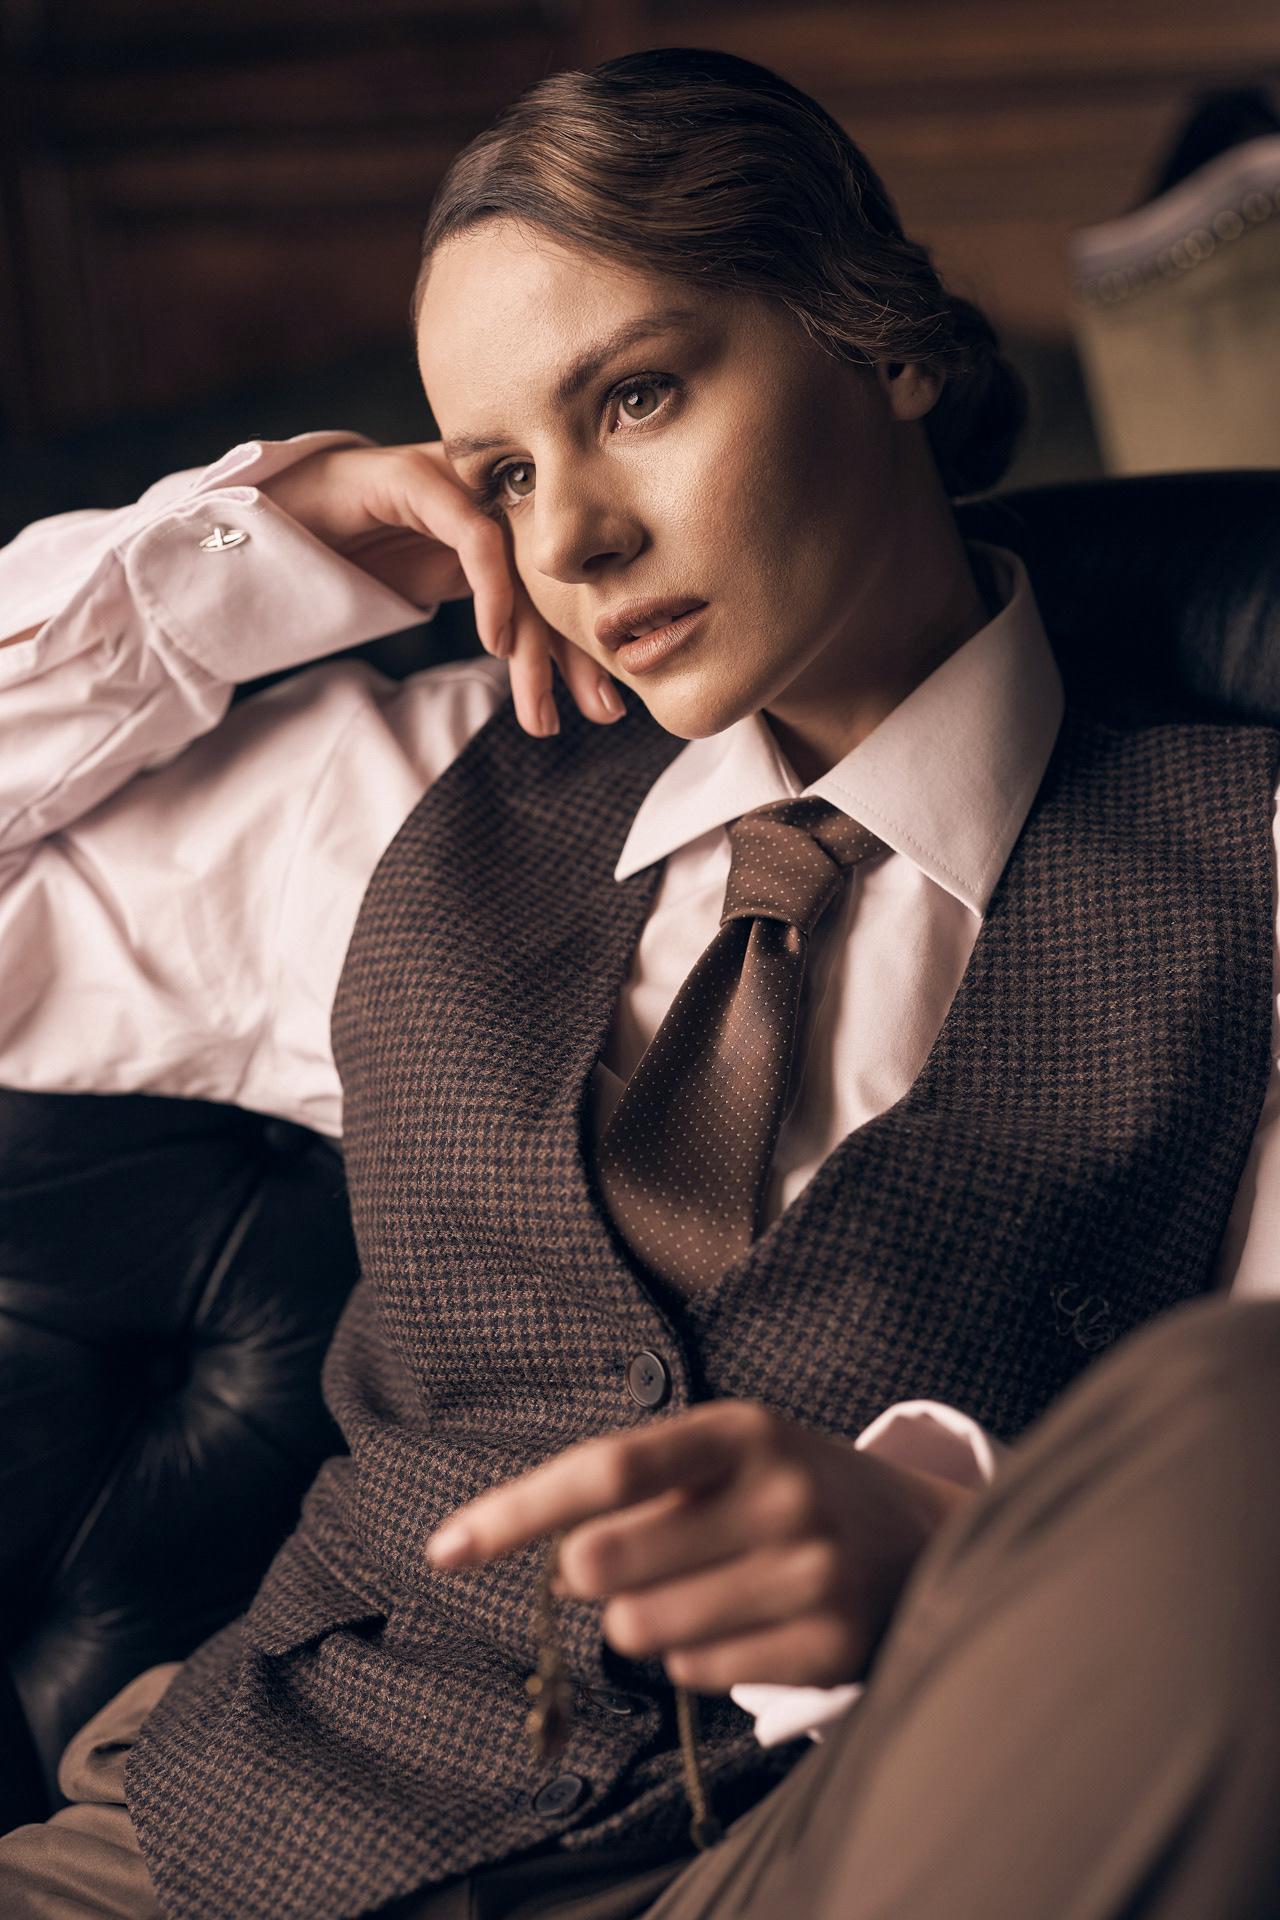 Деловой костюм / фотограф Jaroslav Monchak